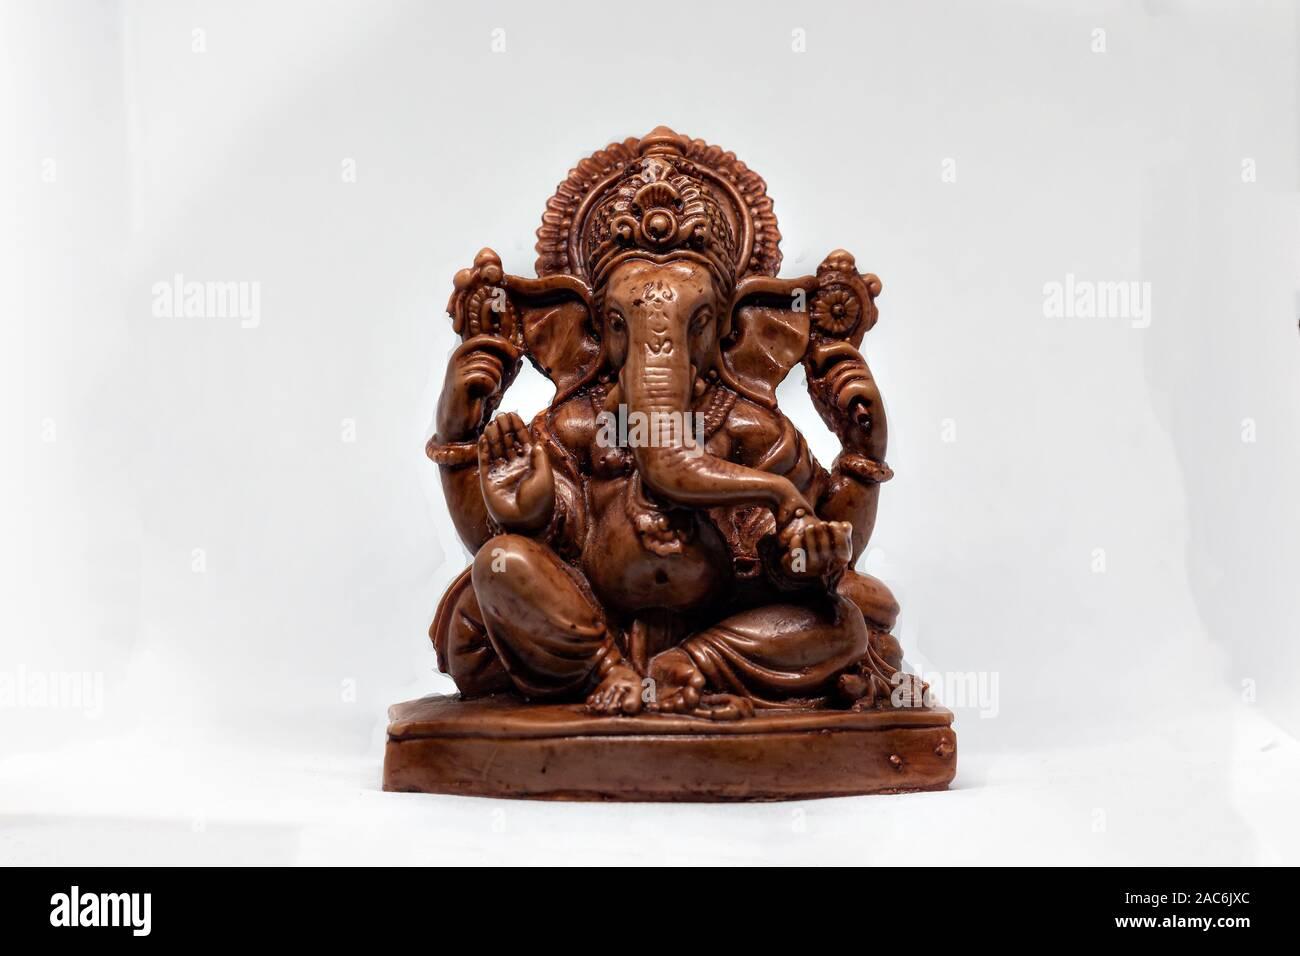 Statue en bois de dieu indien Ganesha avec un fond blanc, la religion hindoue Banque D'Images